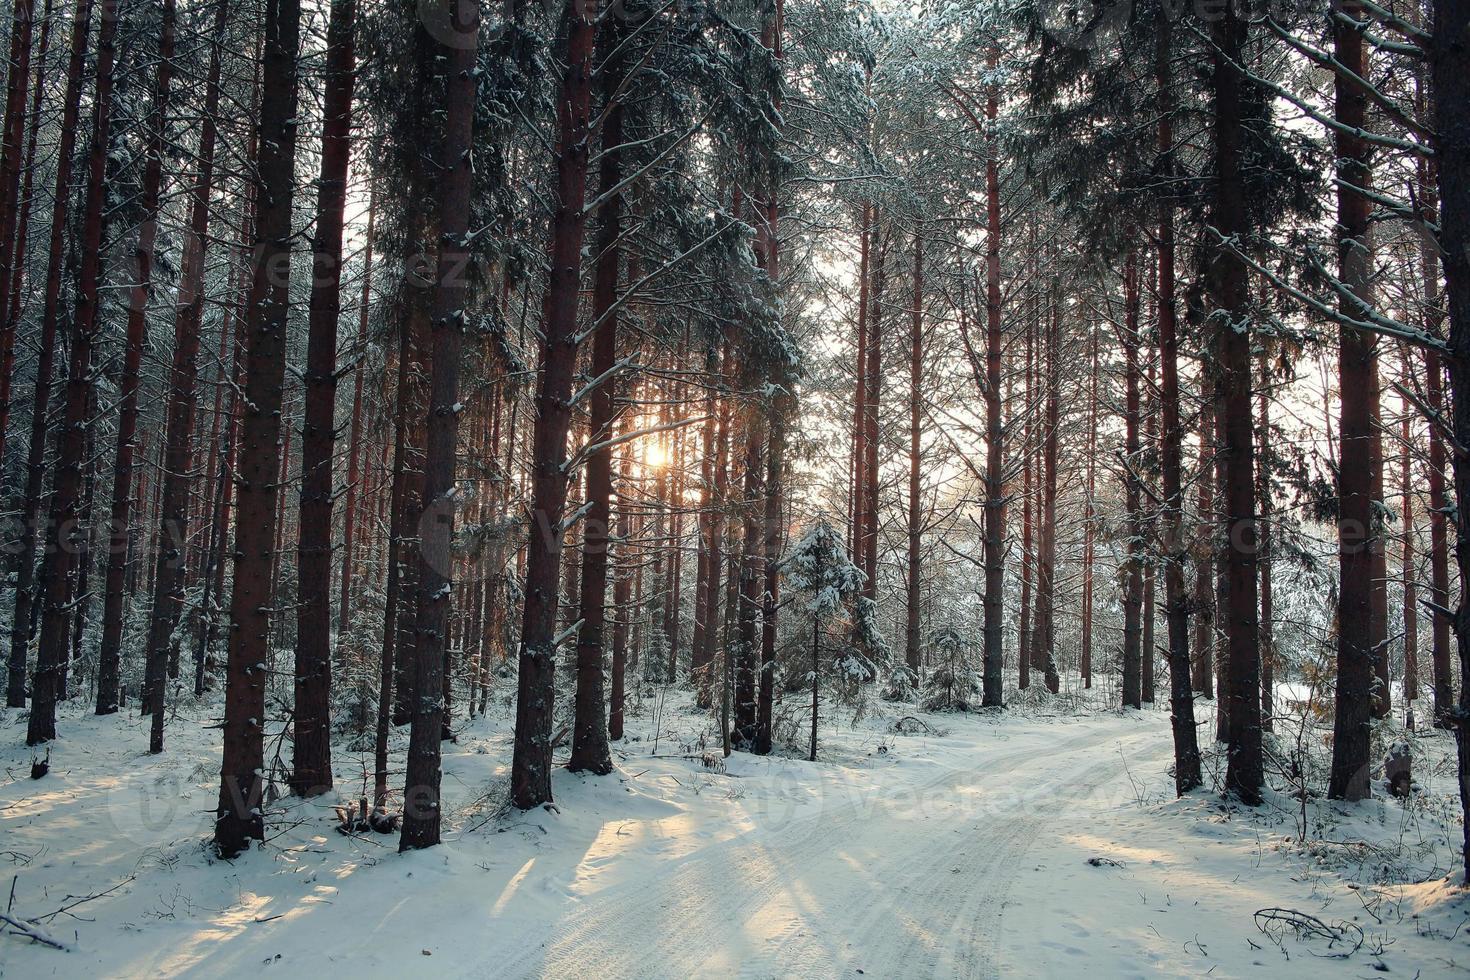 frostige Winterlandschaft im verschneiten Wald foto